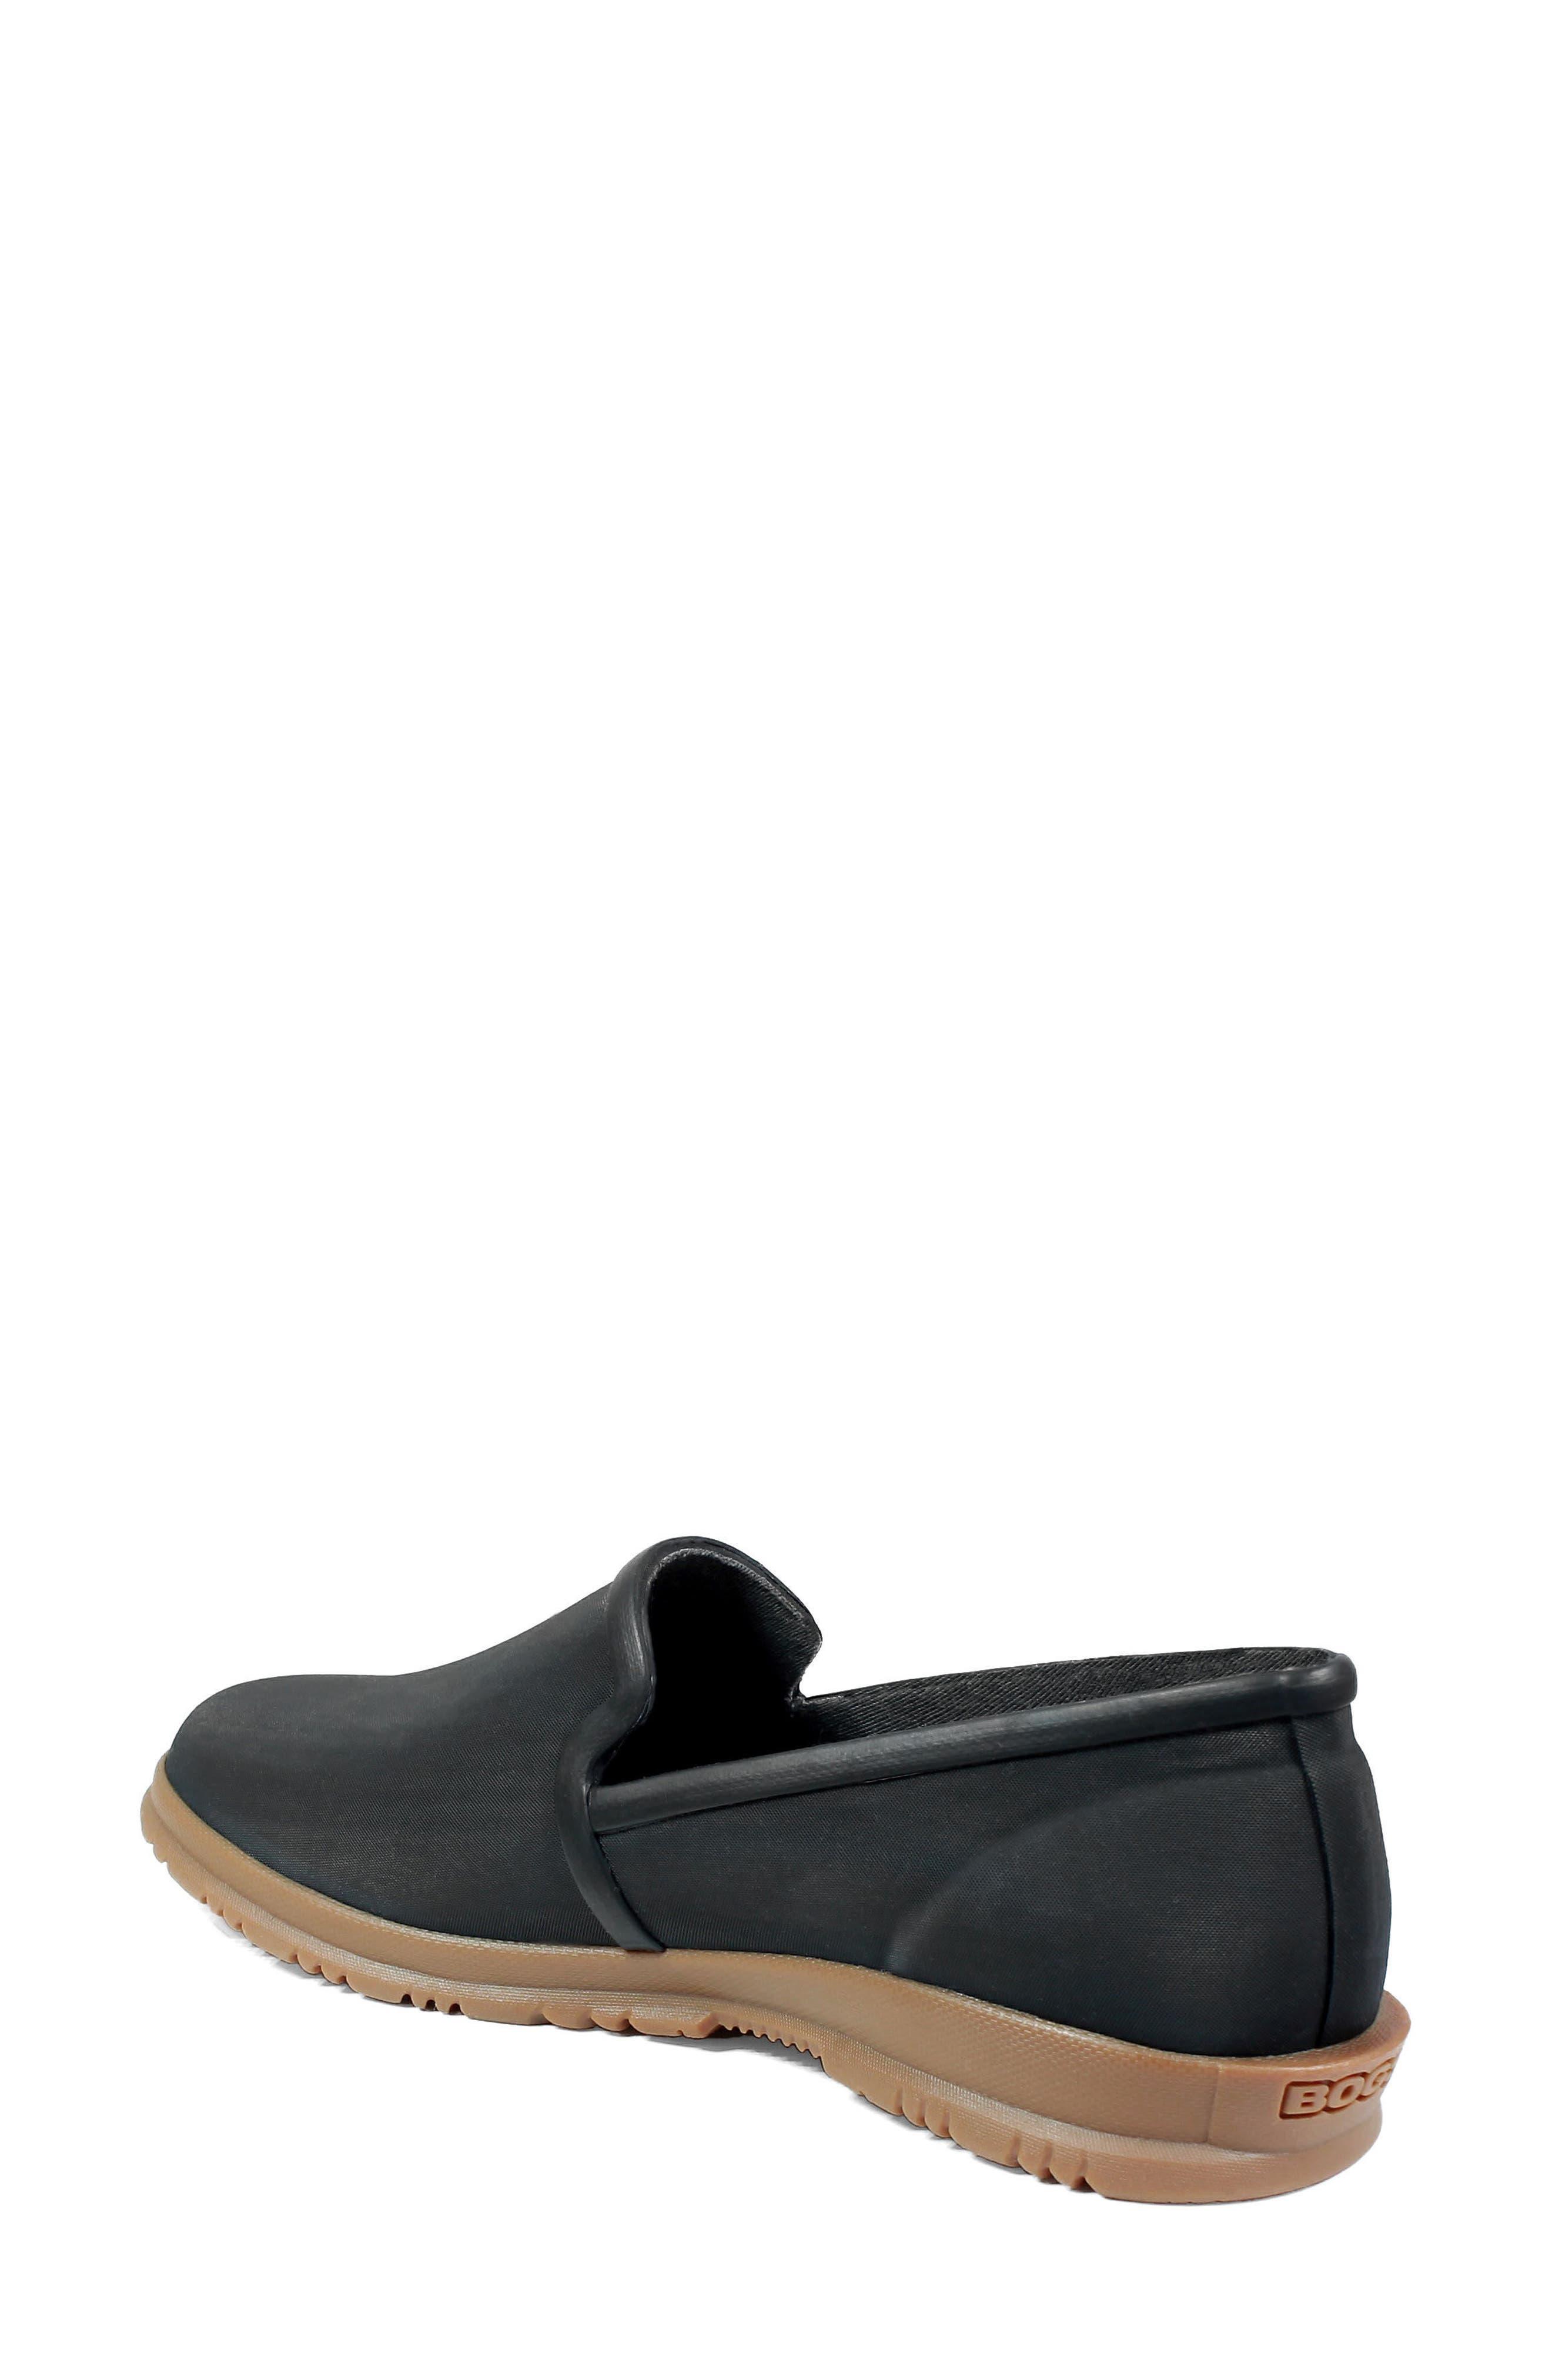 Sweetpea Waterproof Slip-On Sneaker,                             Alternate thumbnail 2, color,                             BLACK FABRIC